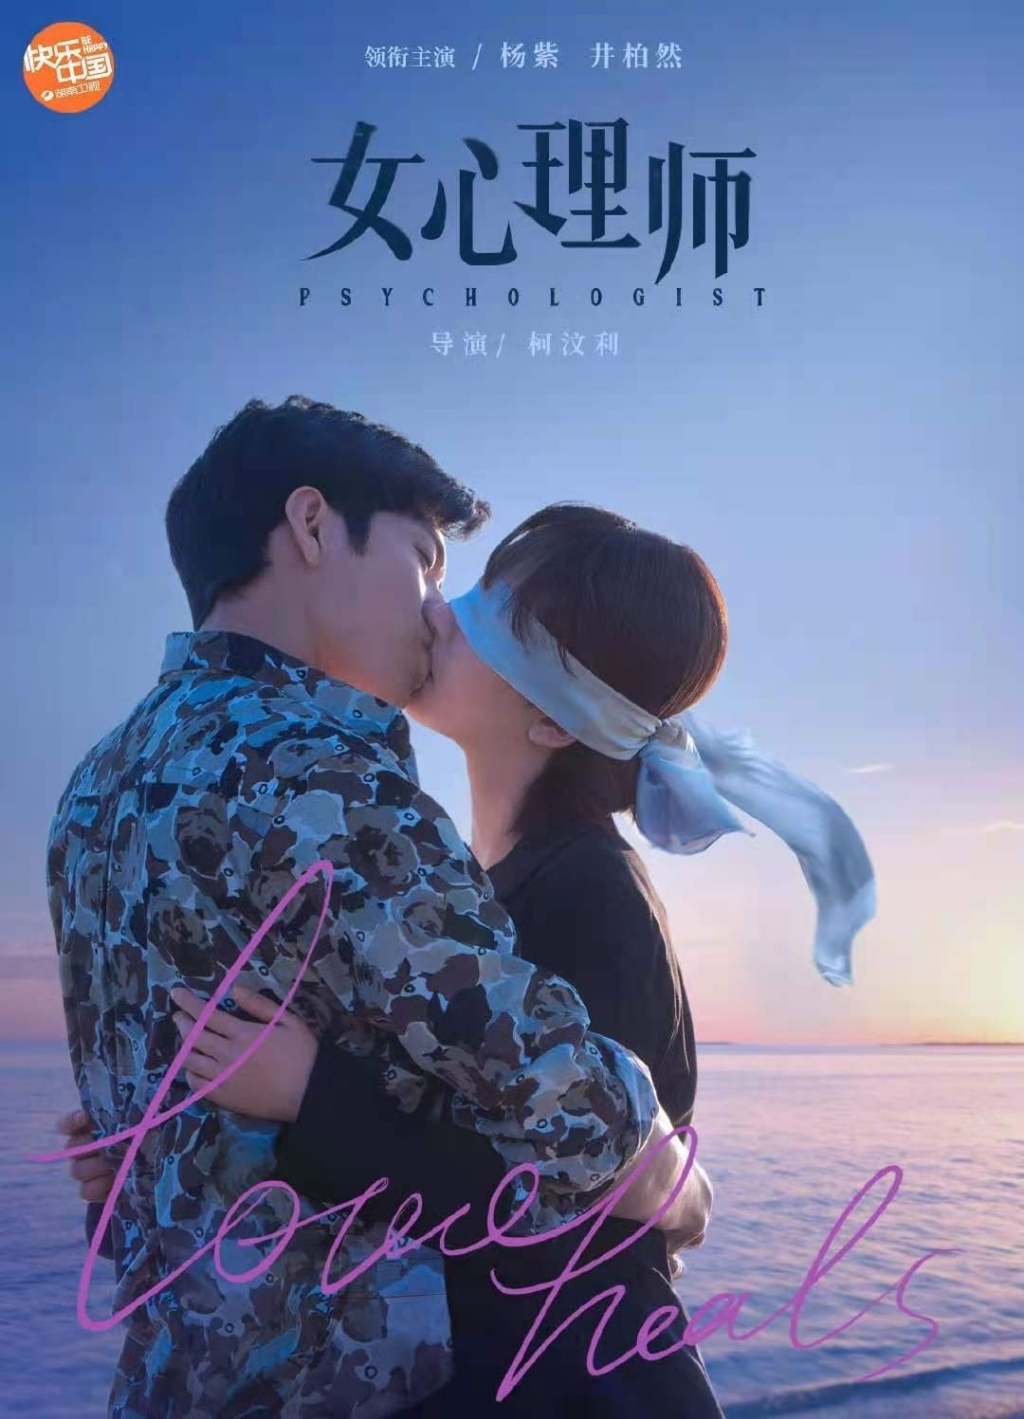 'Nữ bác sĩ tâm lý' của Dương Tử có thể lên sóng tháng 10 nhưng phải cắt 1 số cảnh